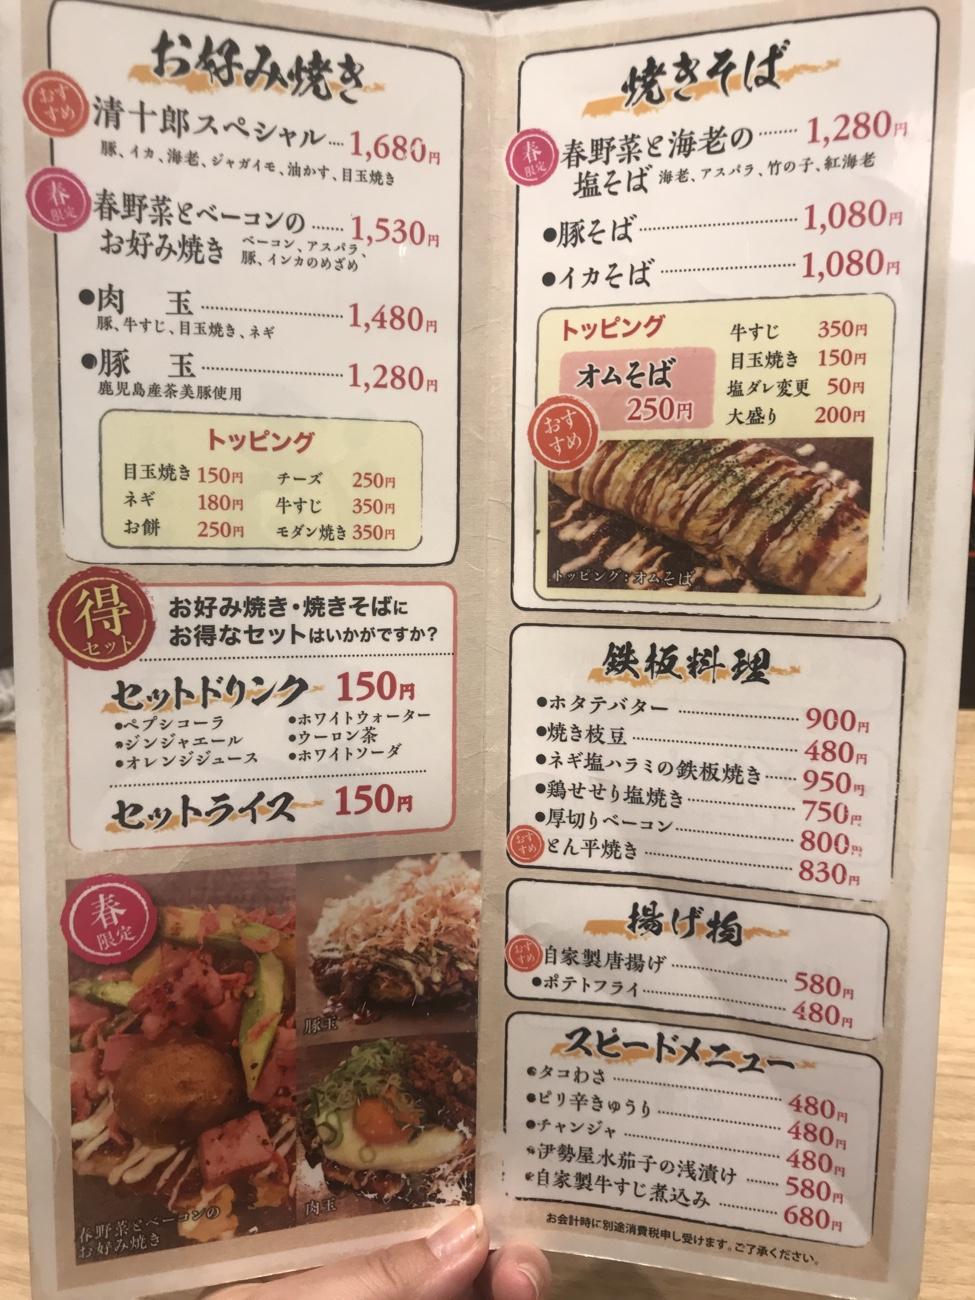 伊丹空港食事 お好み焼き メニュー